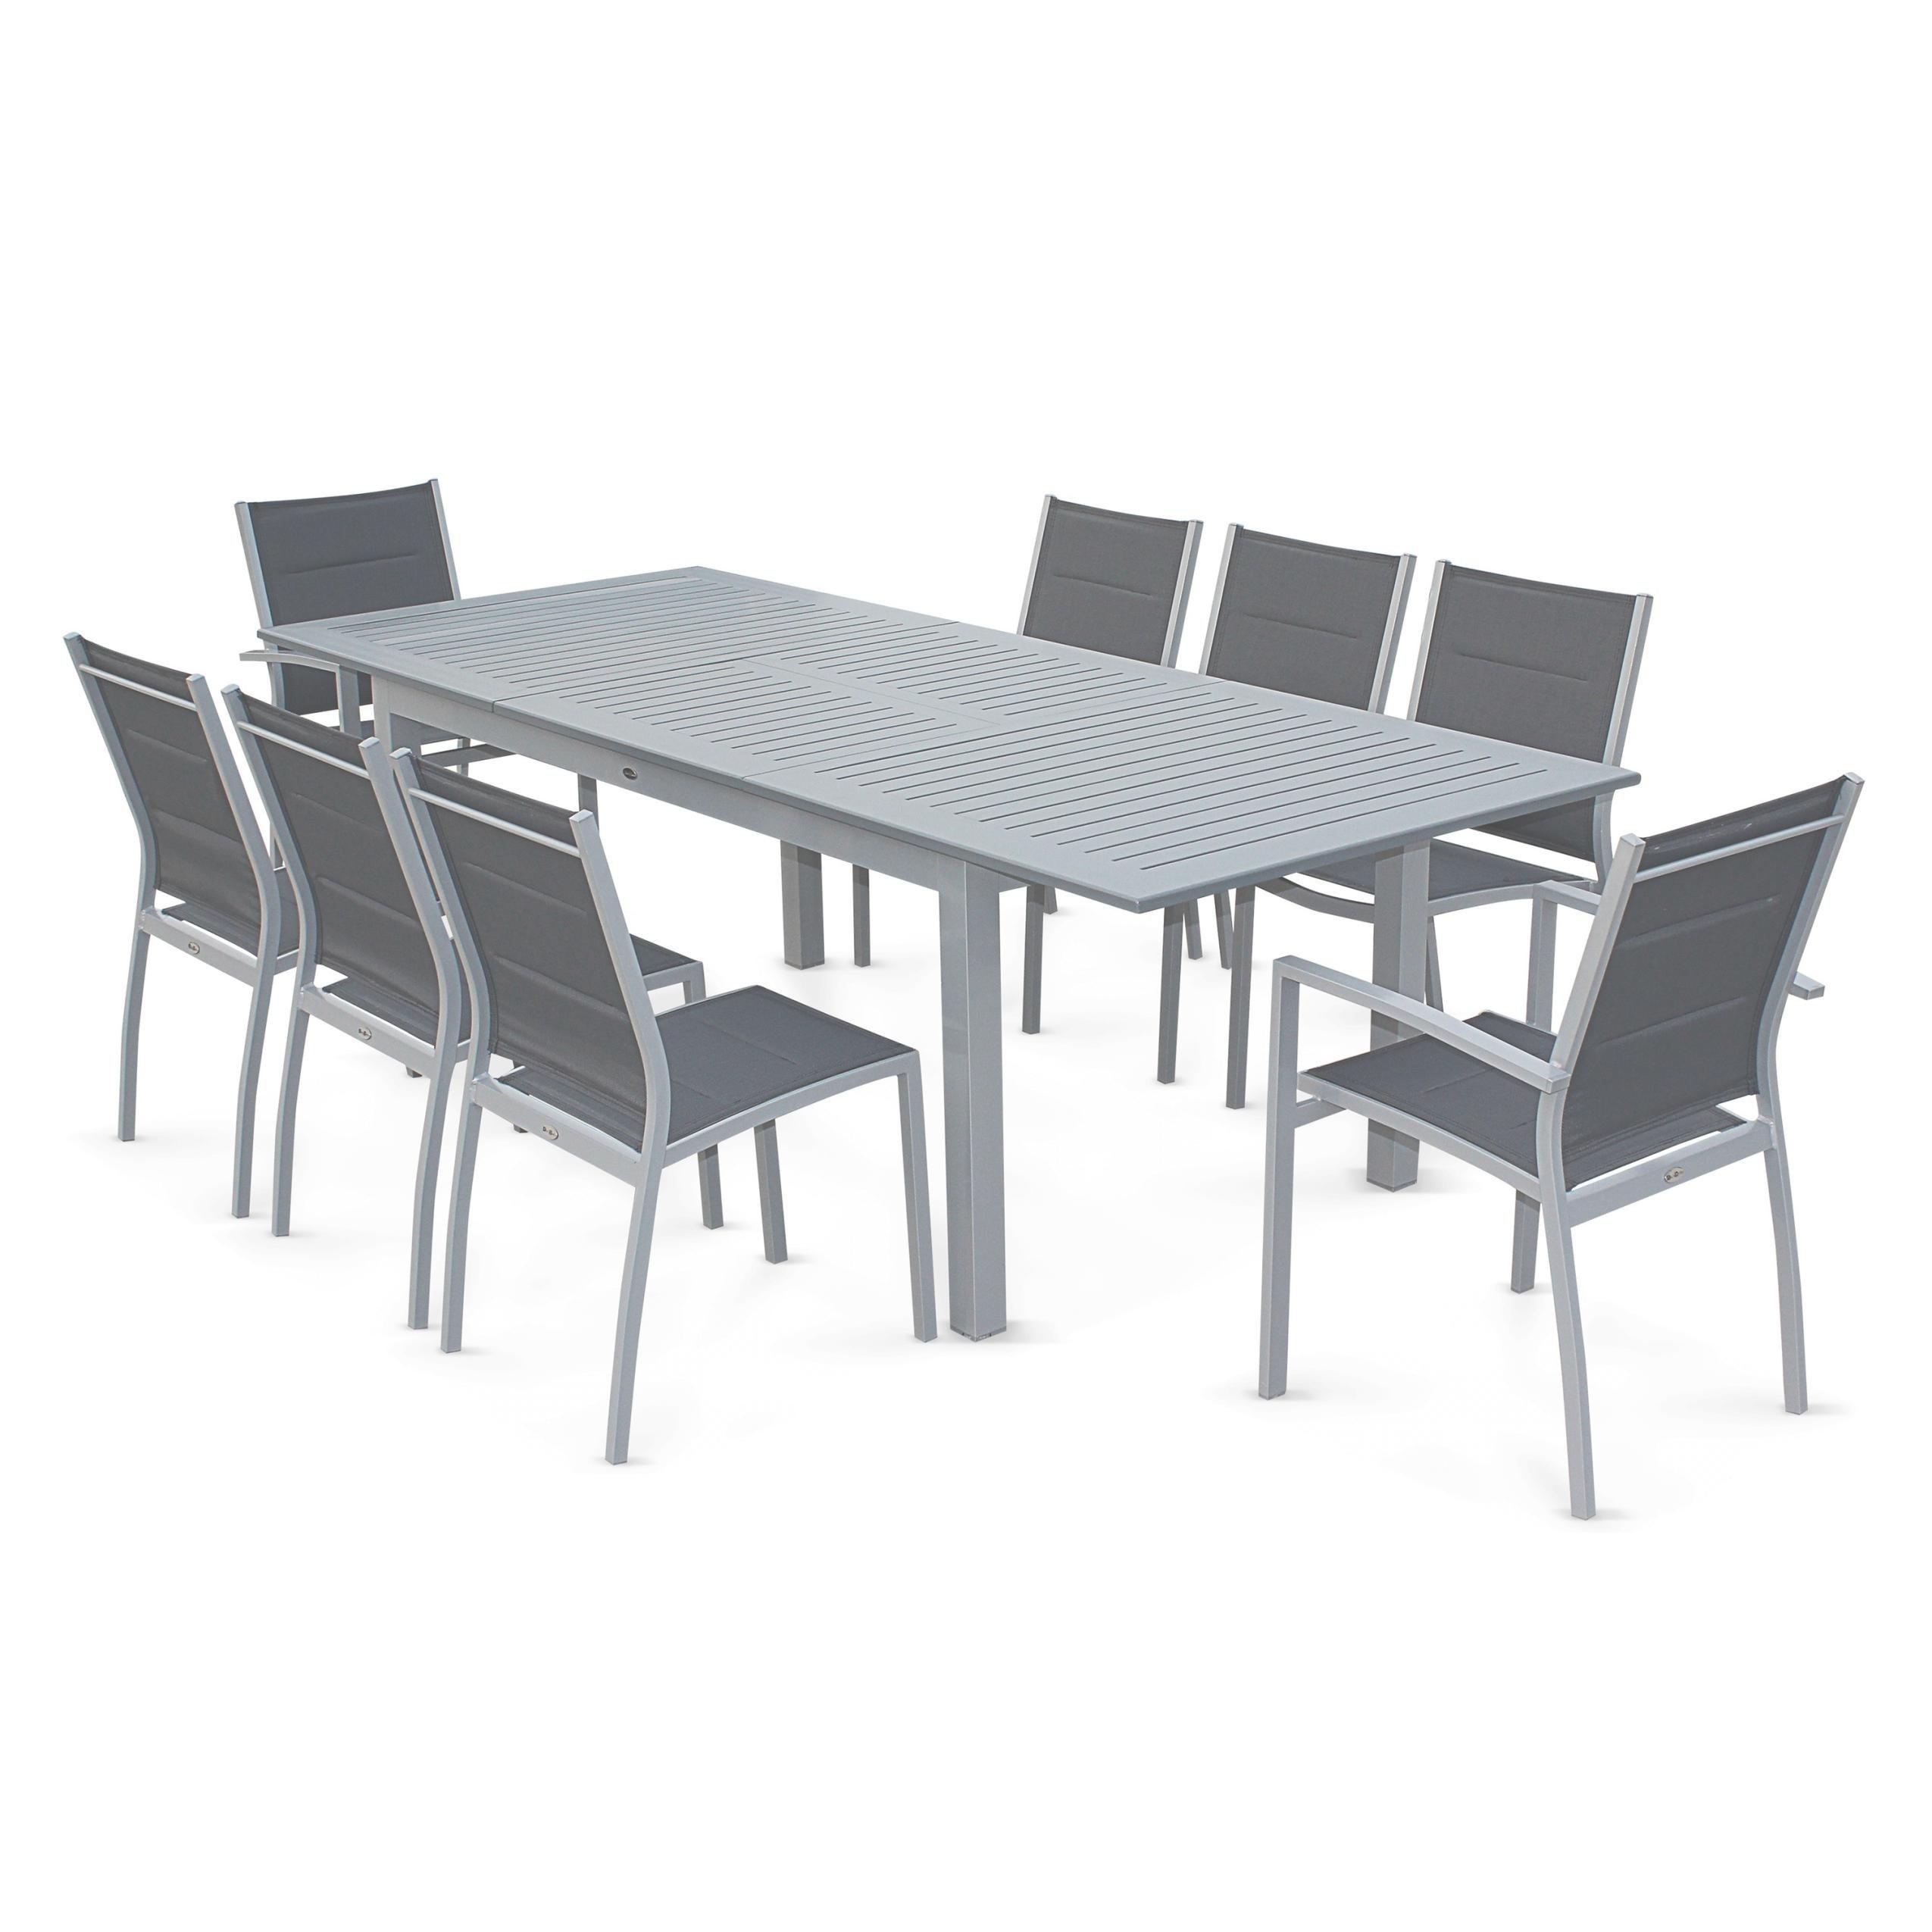 Solde Table De Jardin Table De Jardin Kettler En Solde Idees